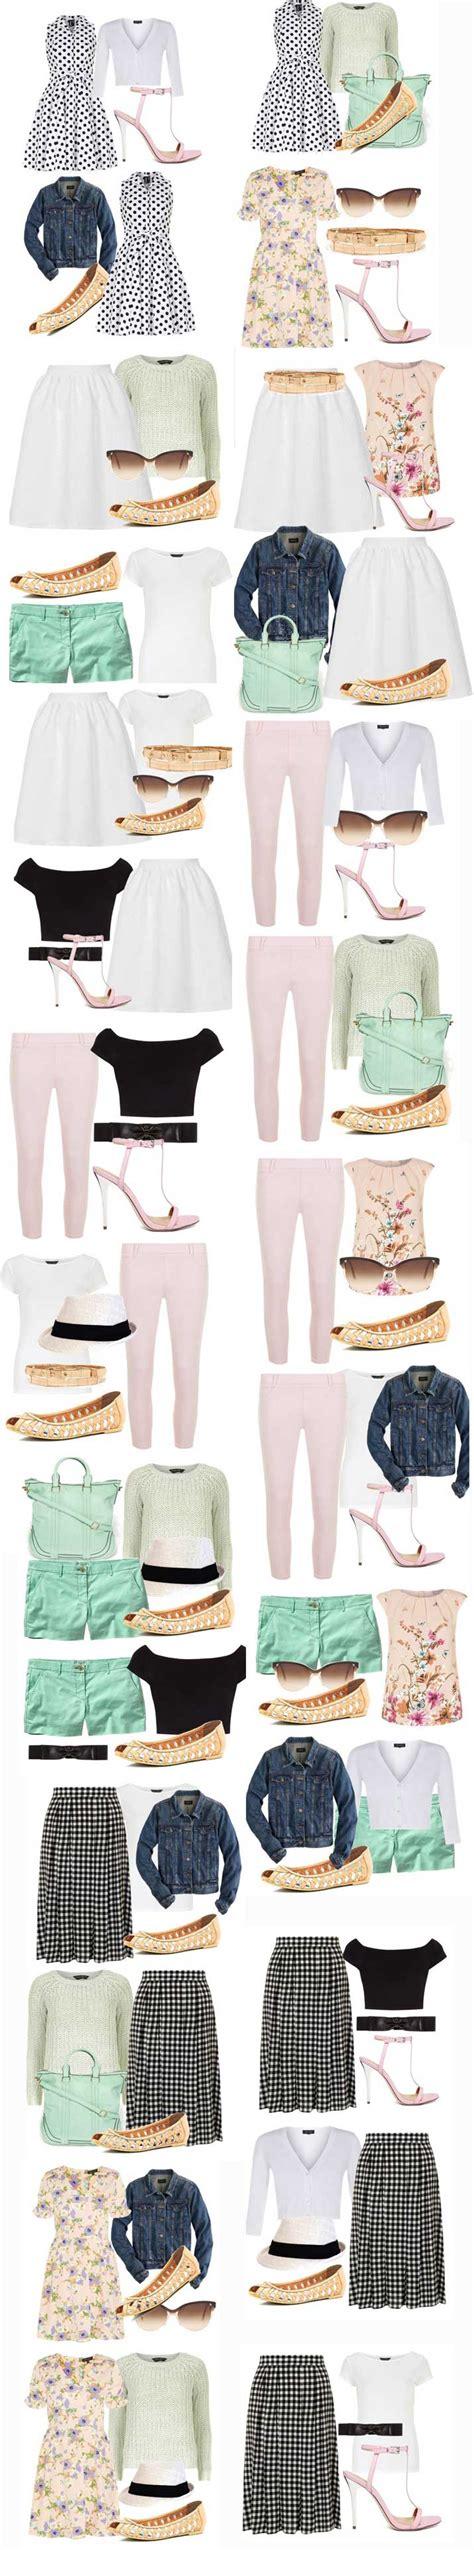 Summer Capsule Wardrobe by Summer Capsule Wardrobe Create A Capsule Wardrobe